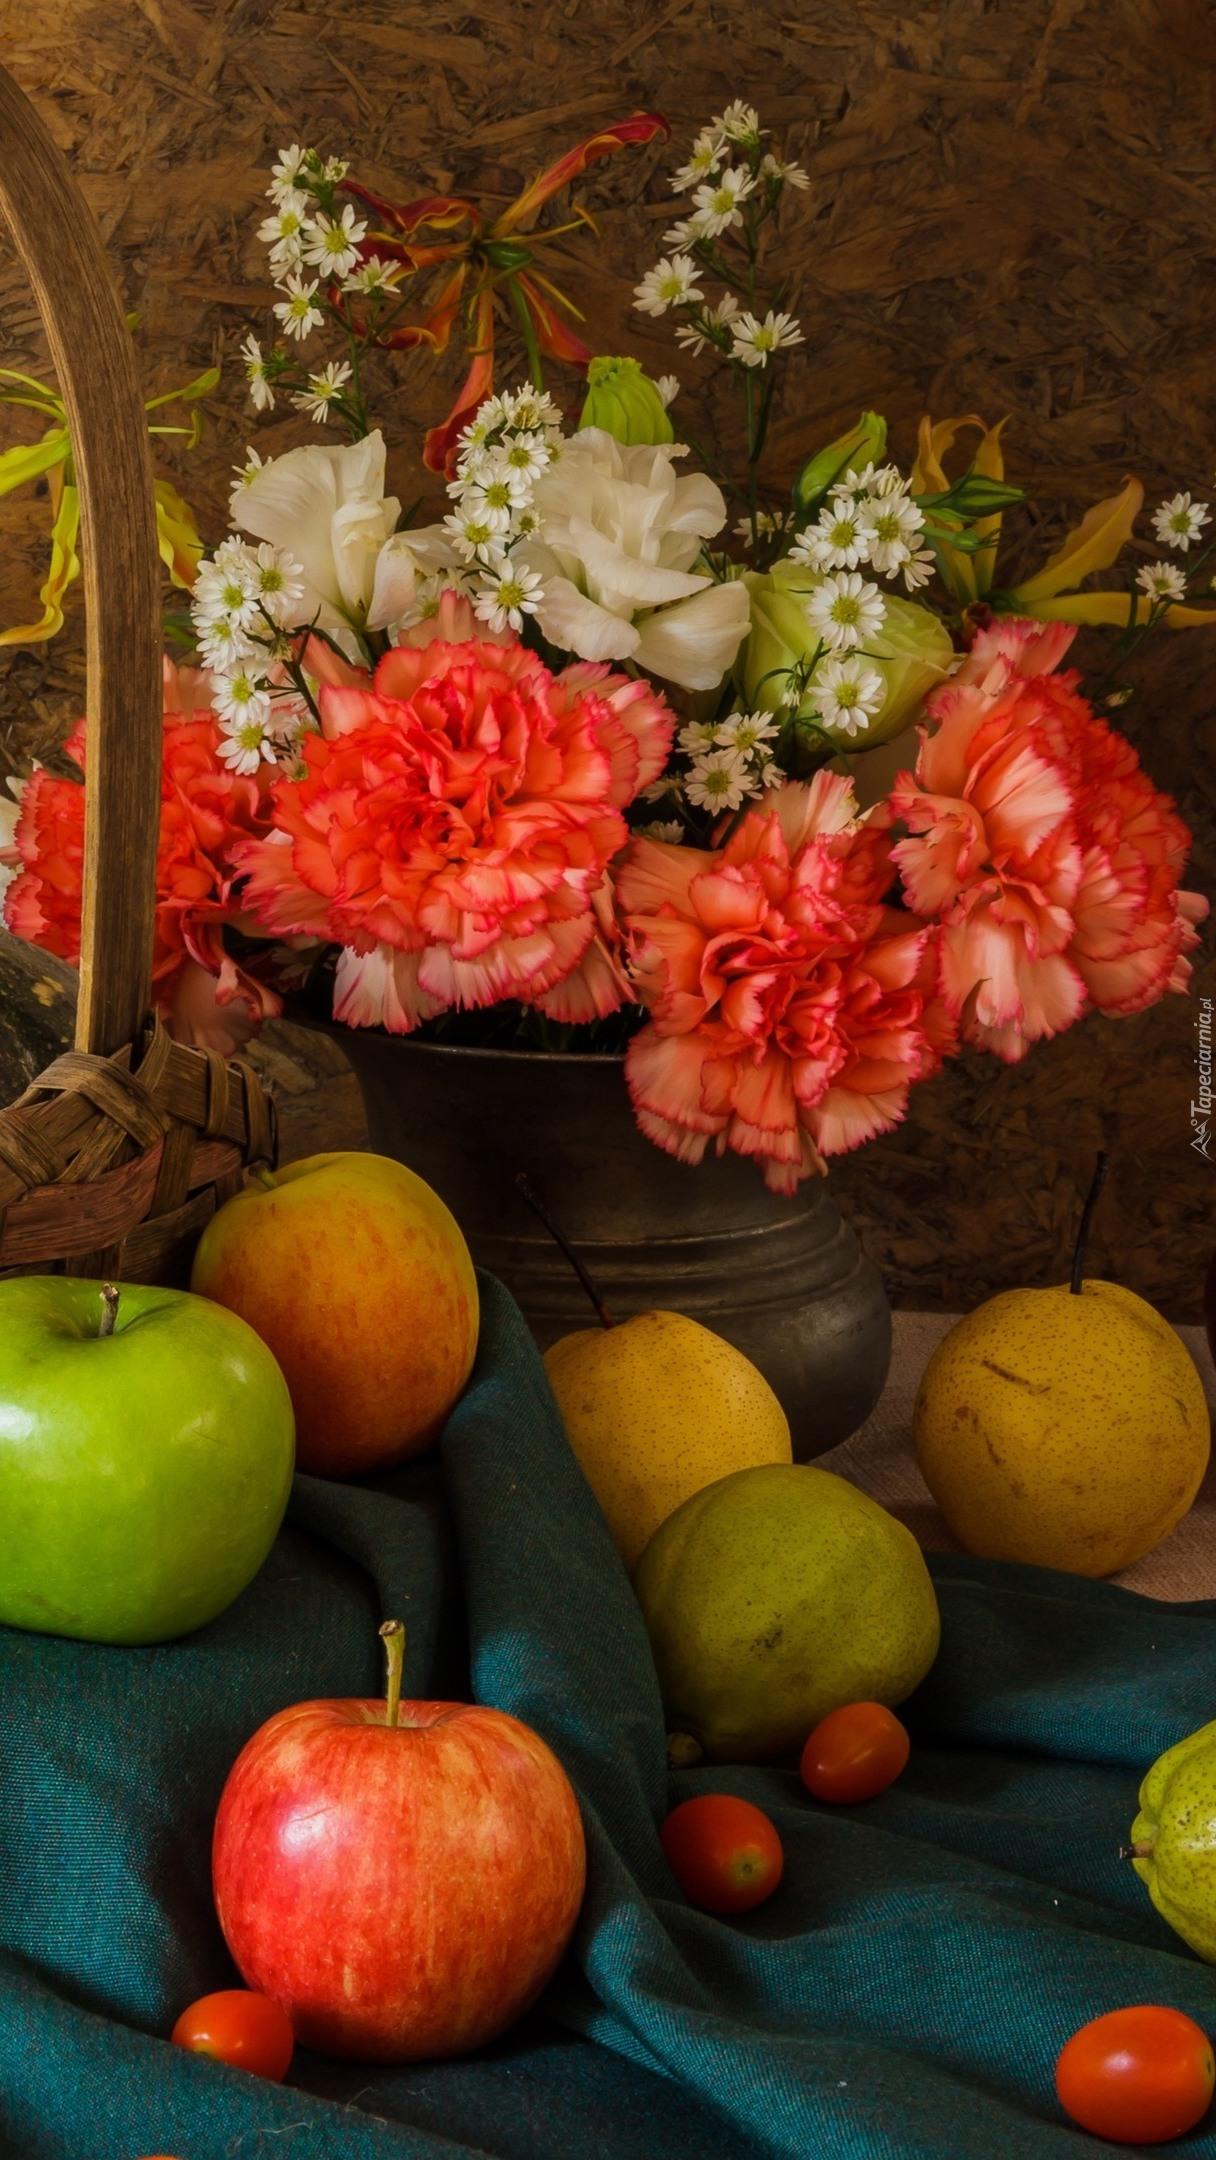 Owoce i bukiet kwiatów